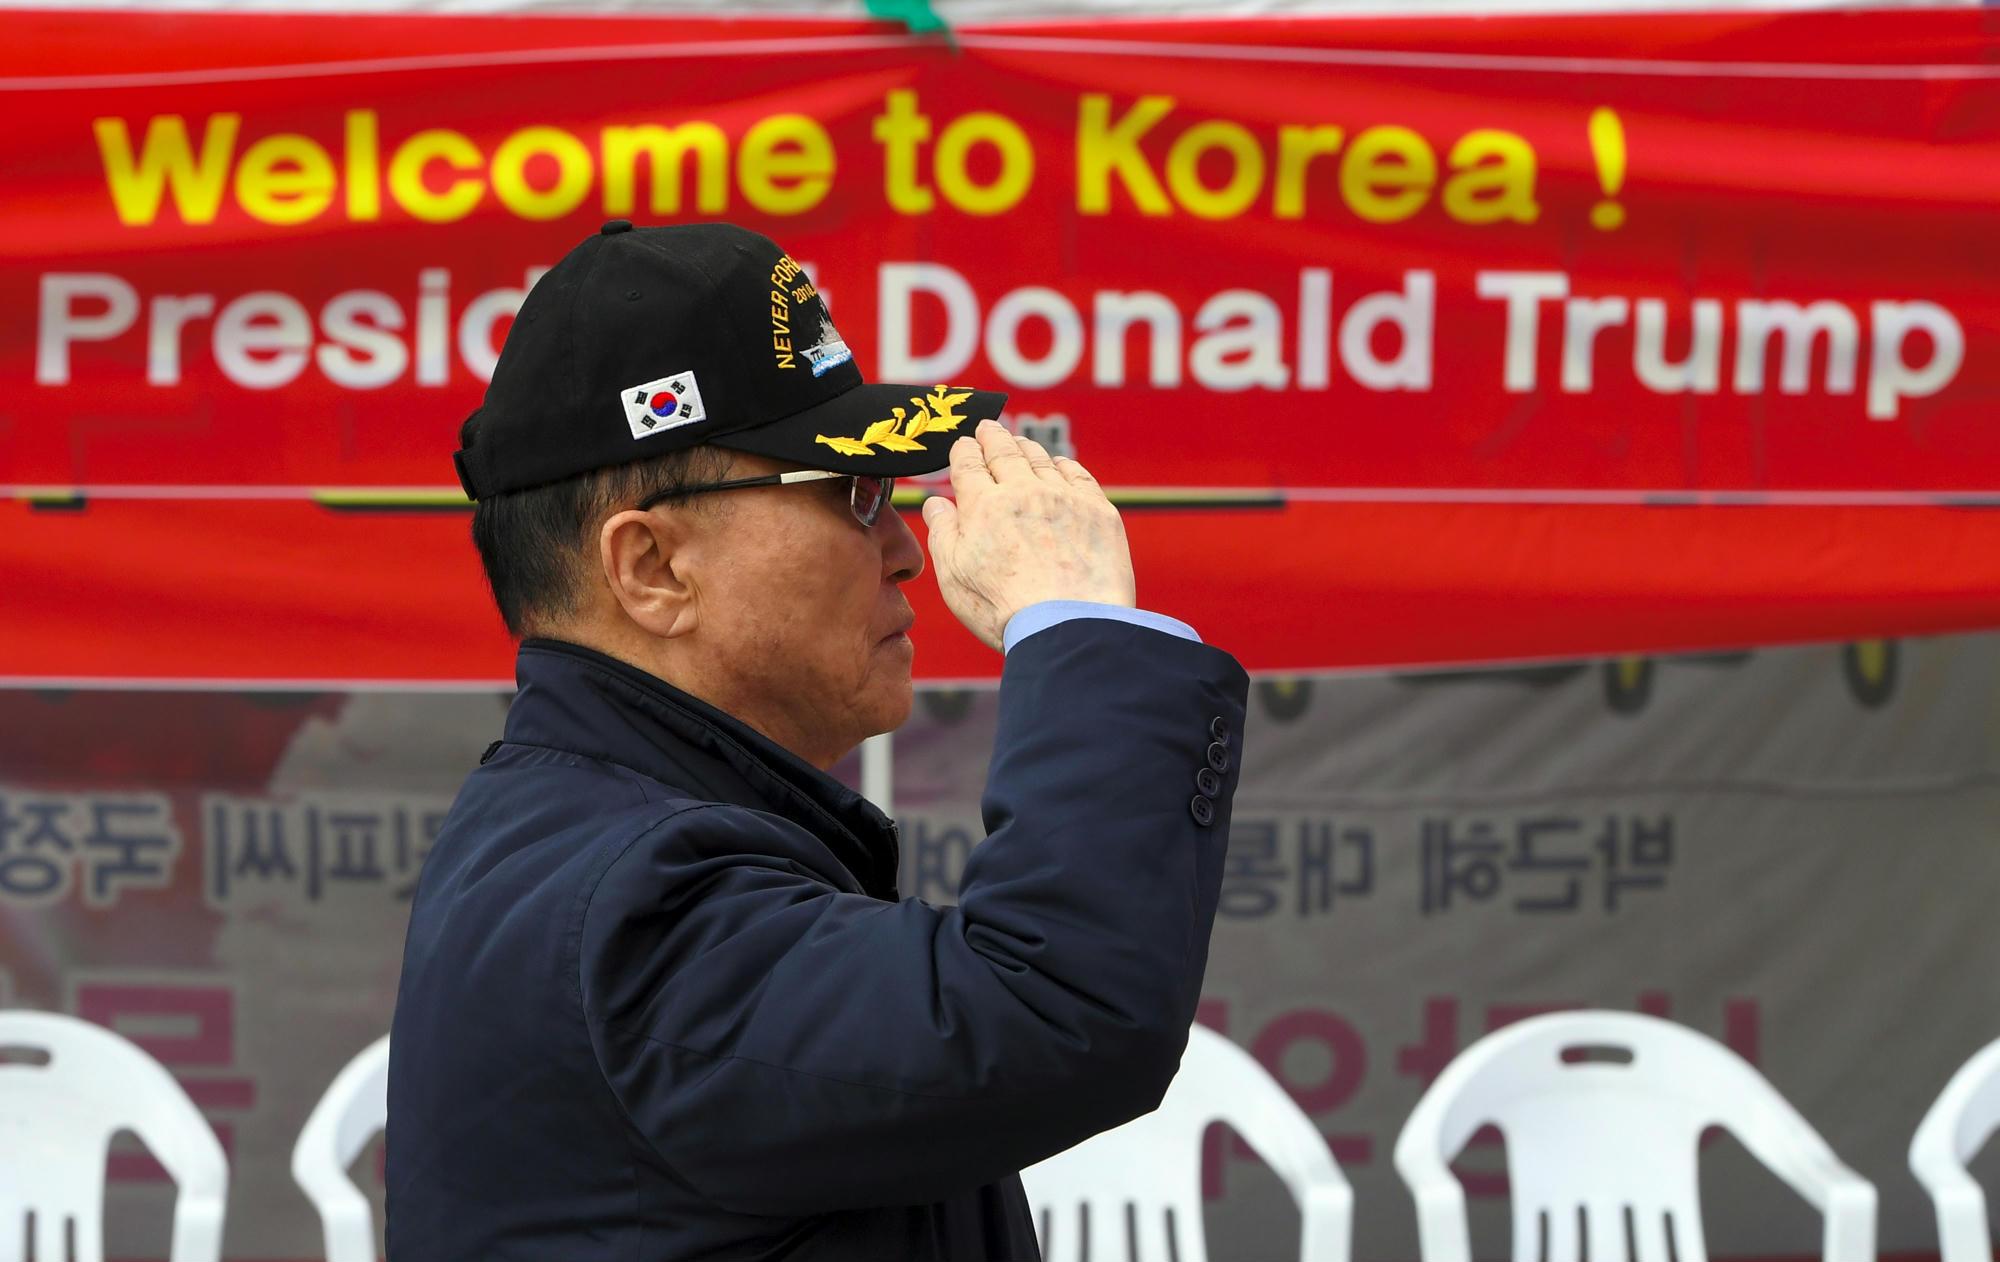 Rendesen felkészültek Trump látogatására dél-koreai rajongói